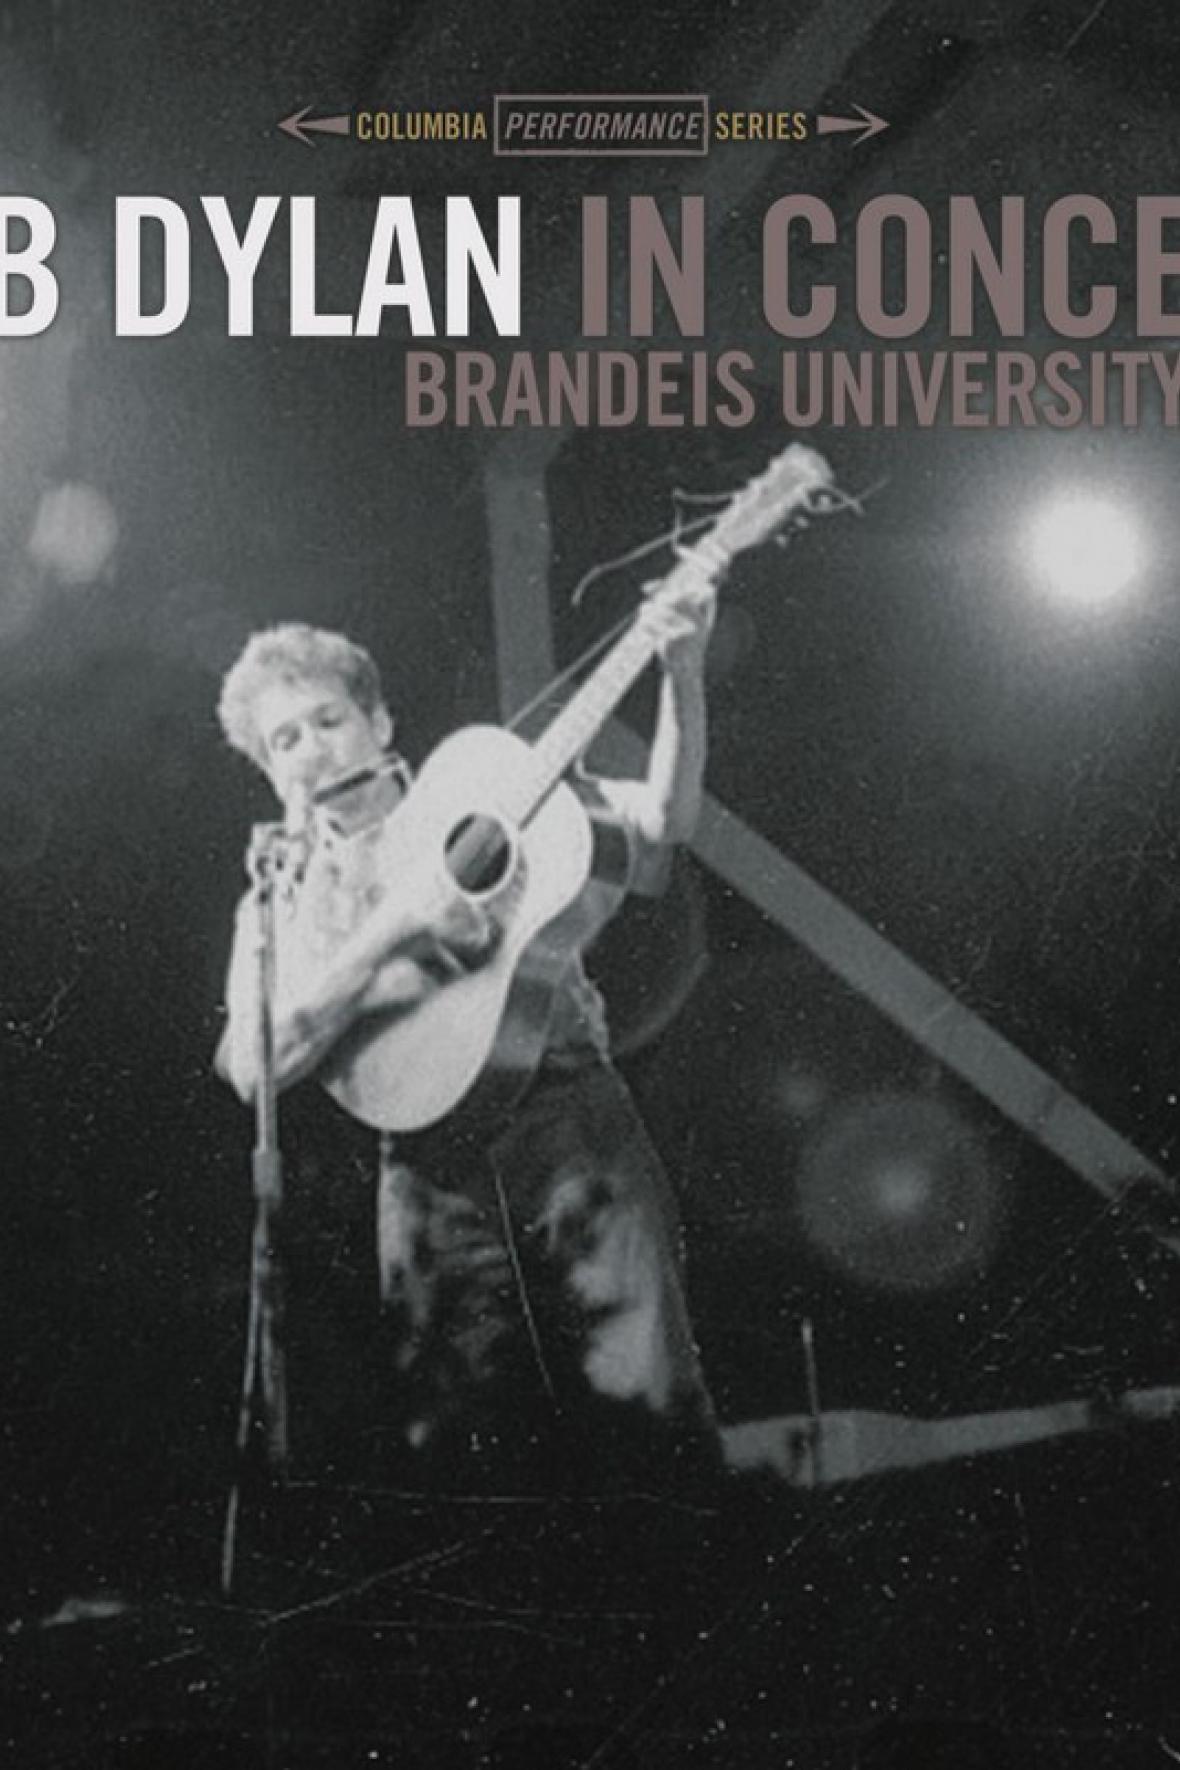 Přebal CD Brandeis University z roku 1963